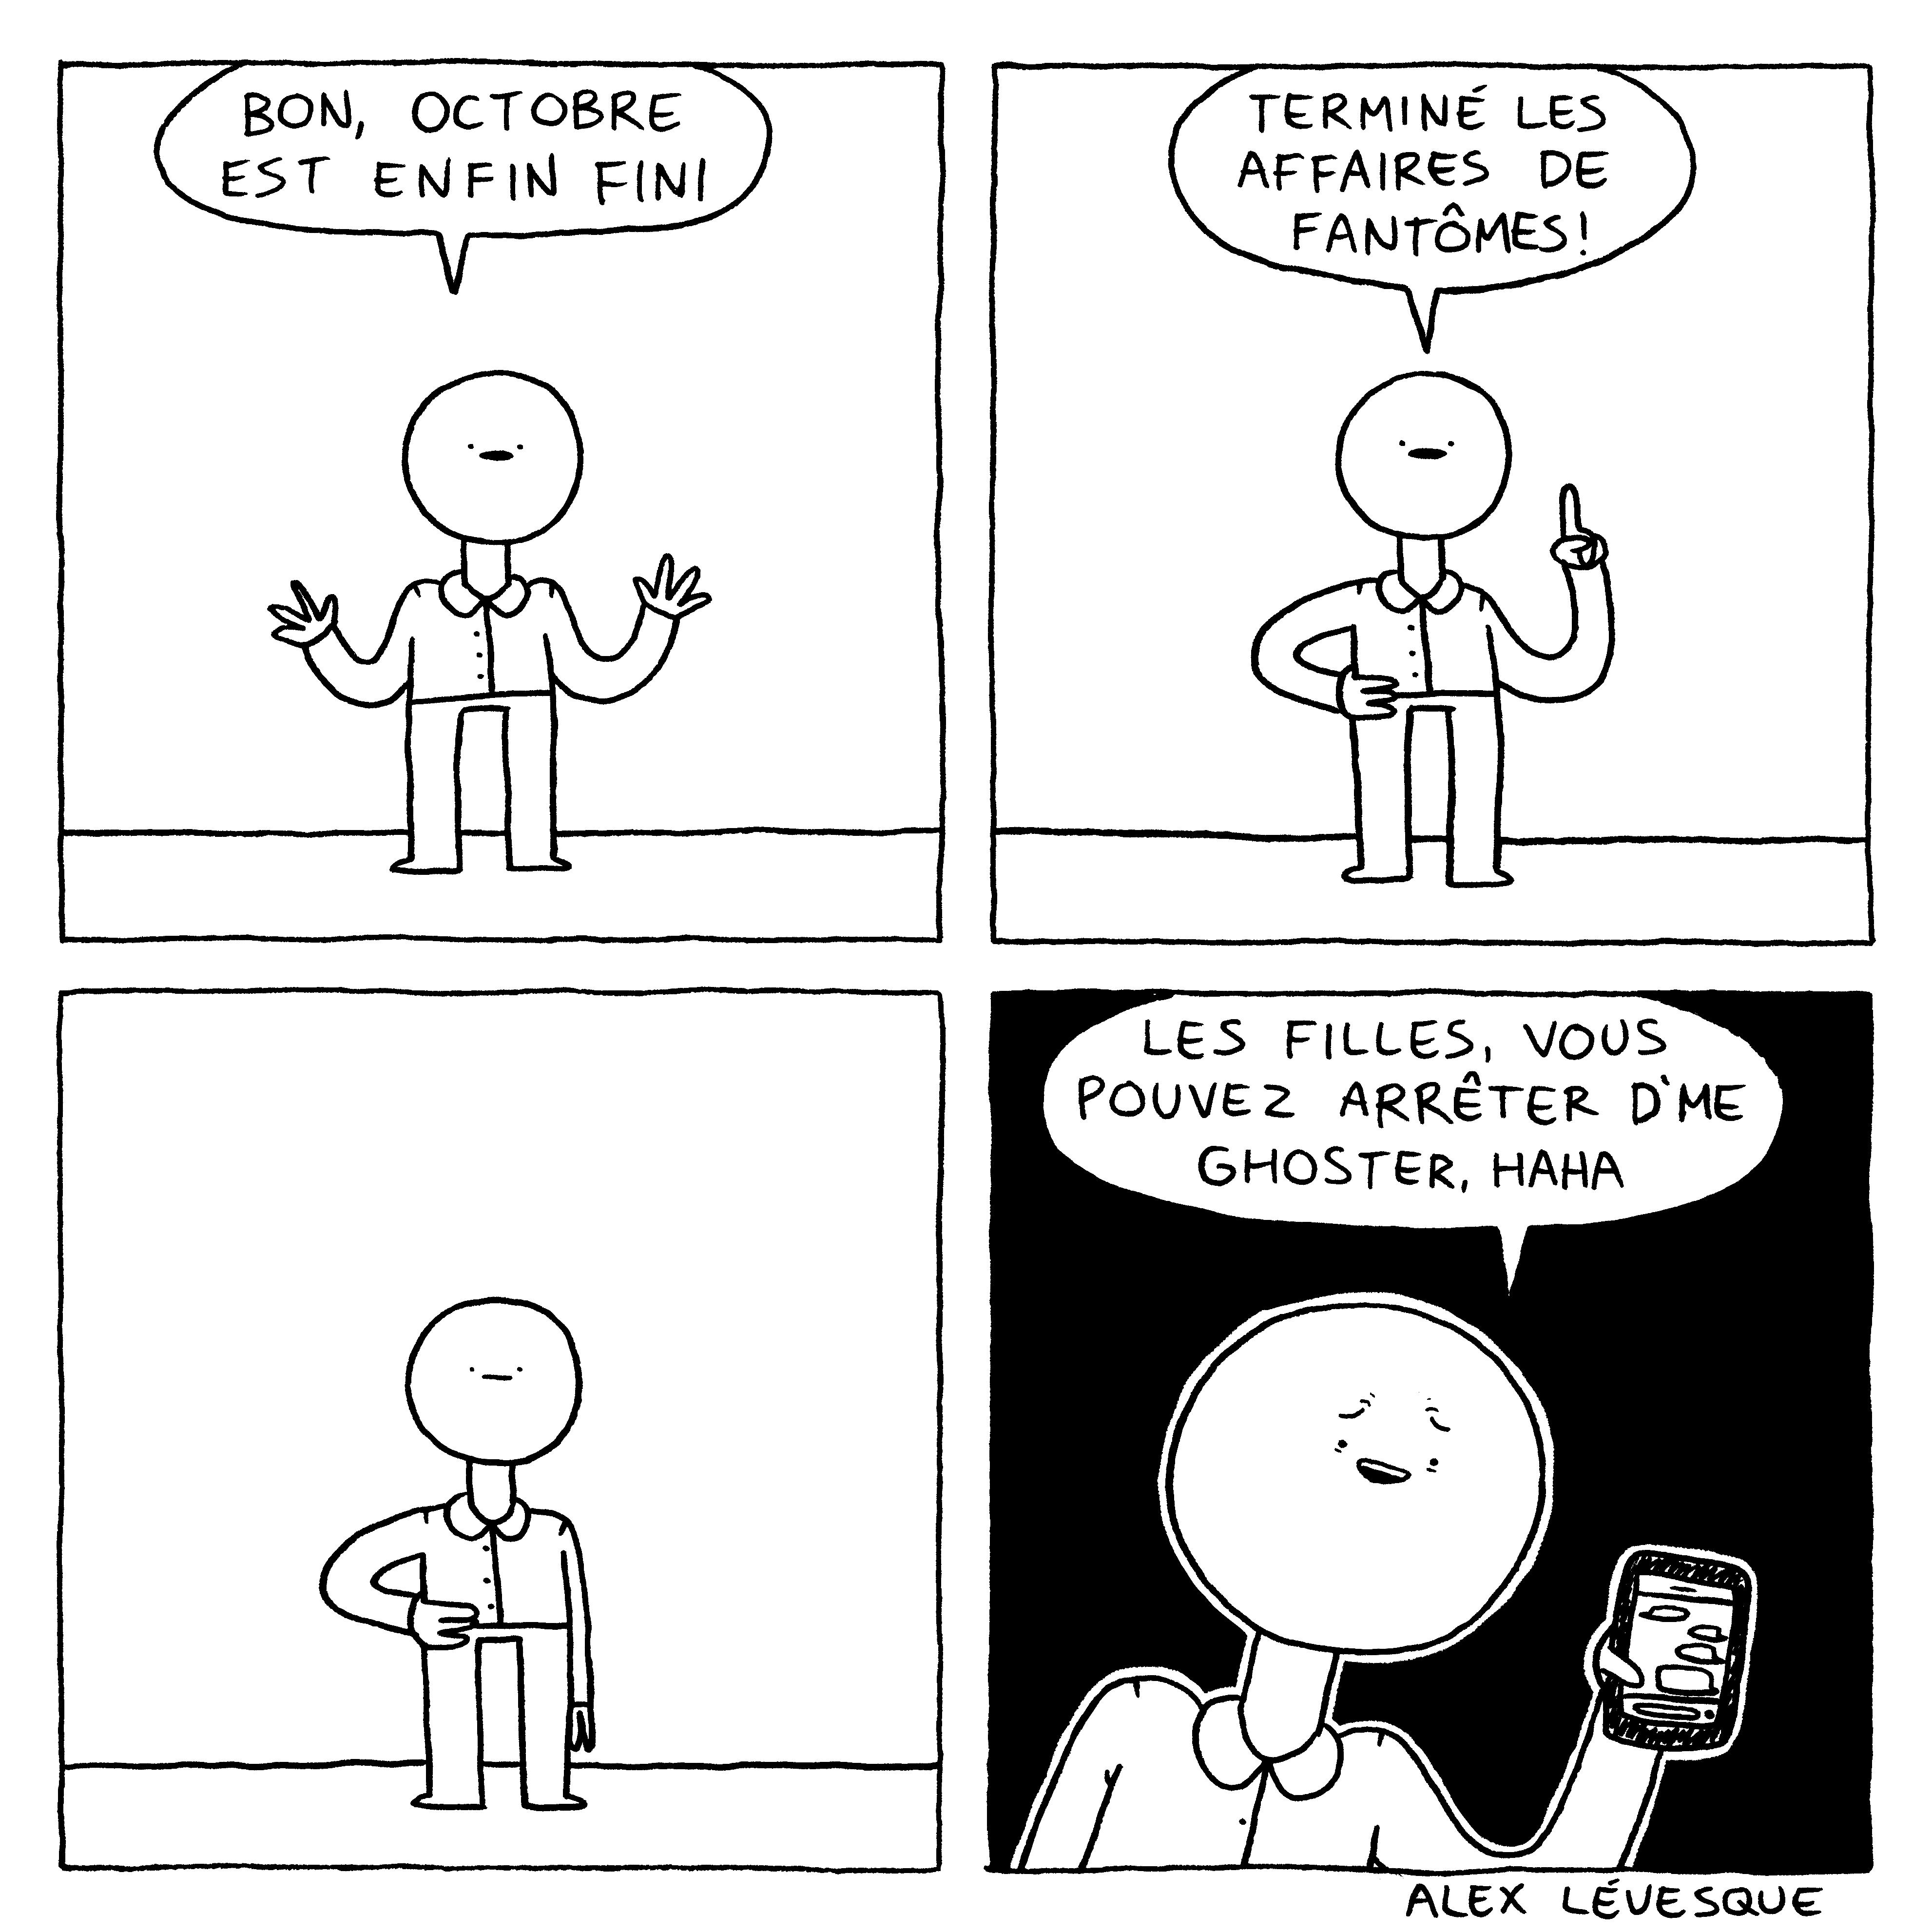 Octobre est fini